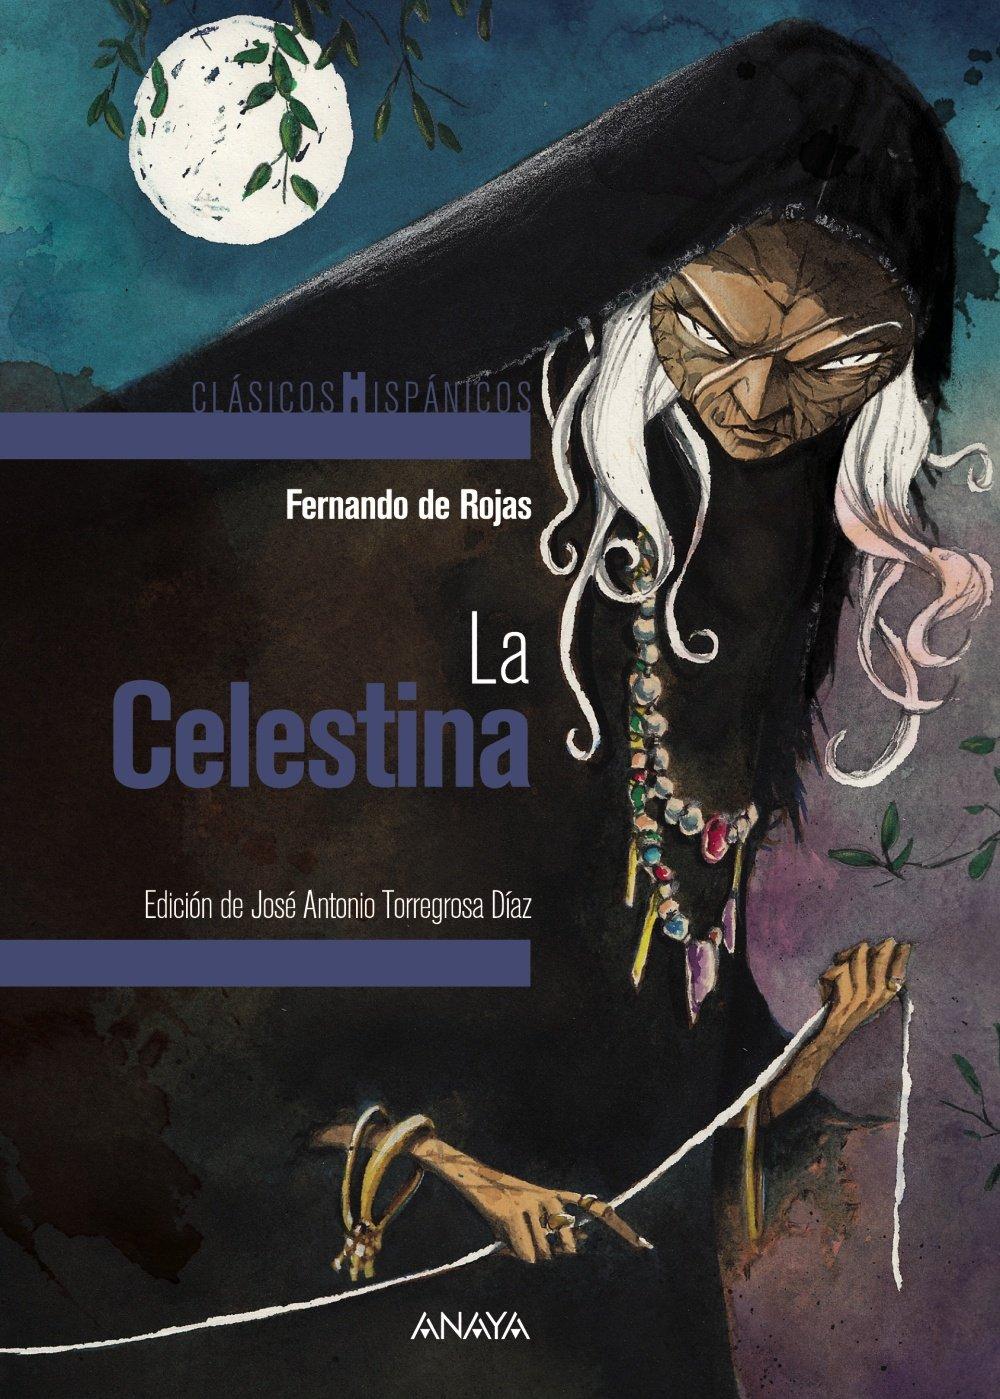 La Celestina (Clásicos - Clásicos Hispánicos) Tapa blanda – 27 abr 2017 Fernando de Rojas David Guirao ANAYA INFANTIL Y JUVENIL 8467871318